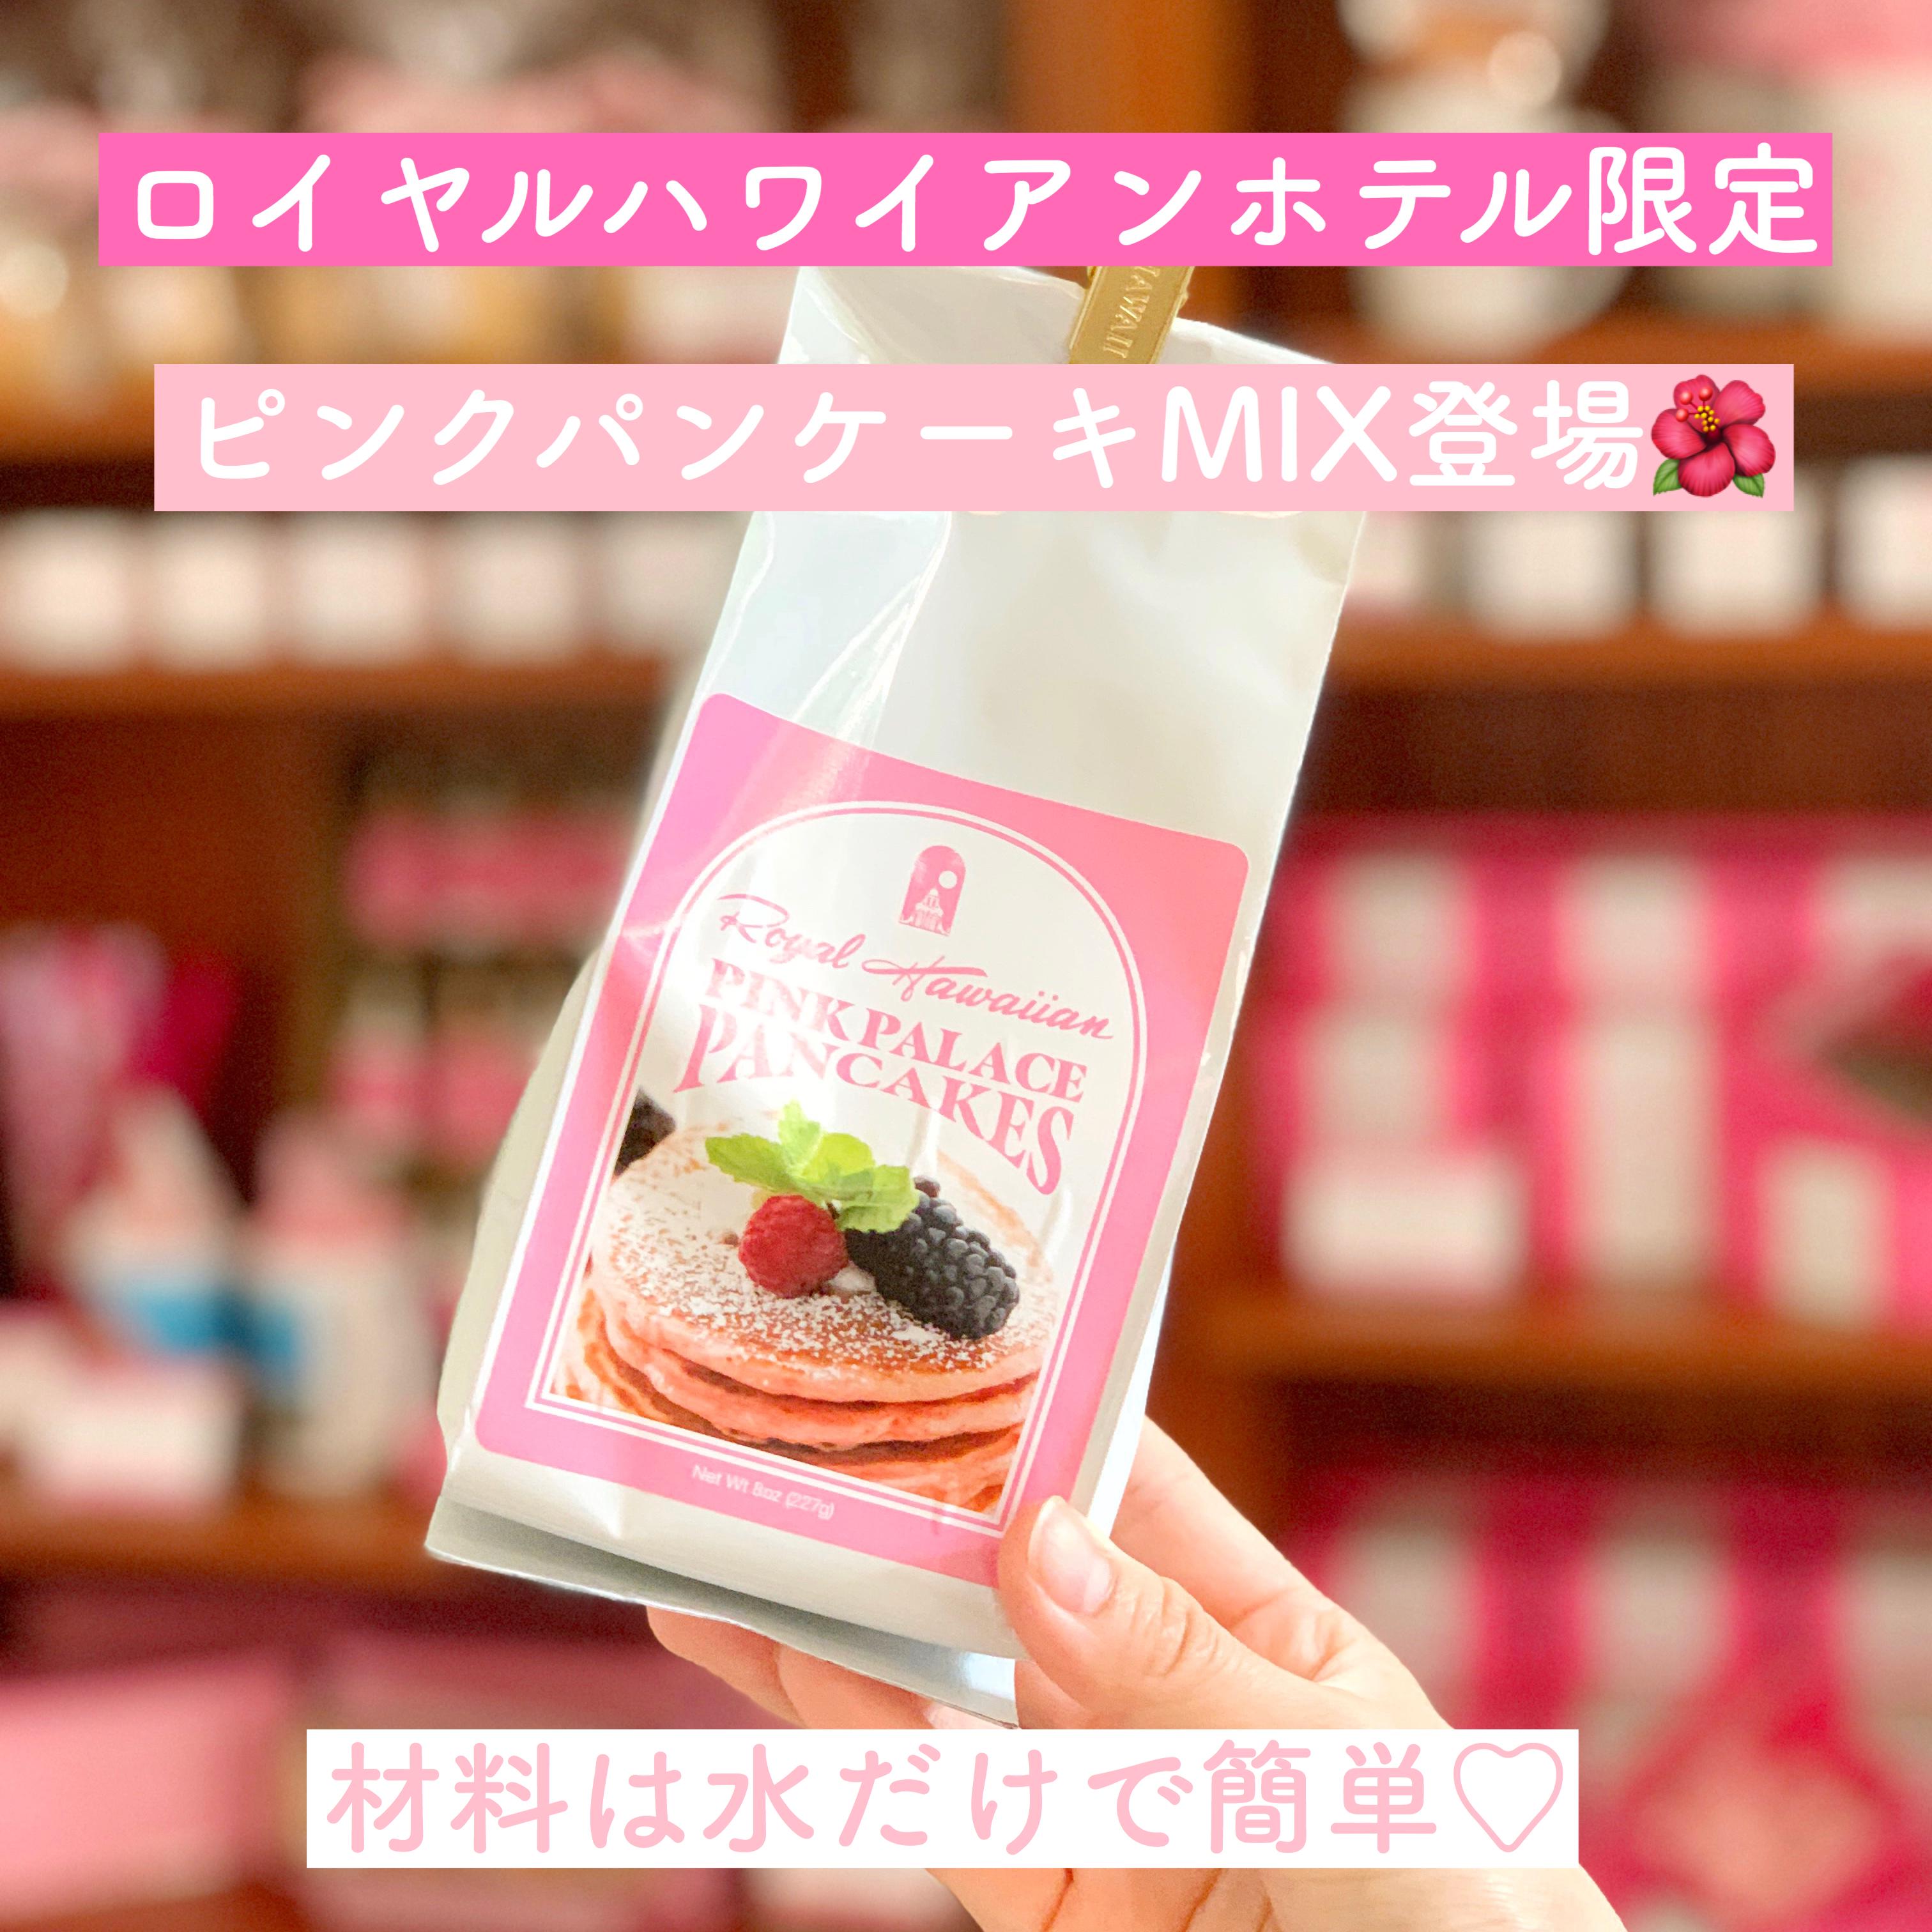 【ロイヤルハワイアンホテル限定】「ピンクパレス・パンケーキミックス」【販売場所】